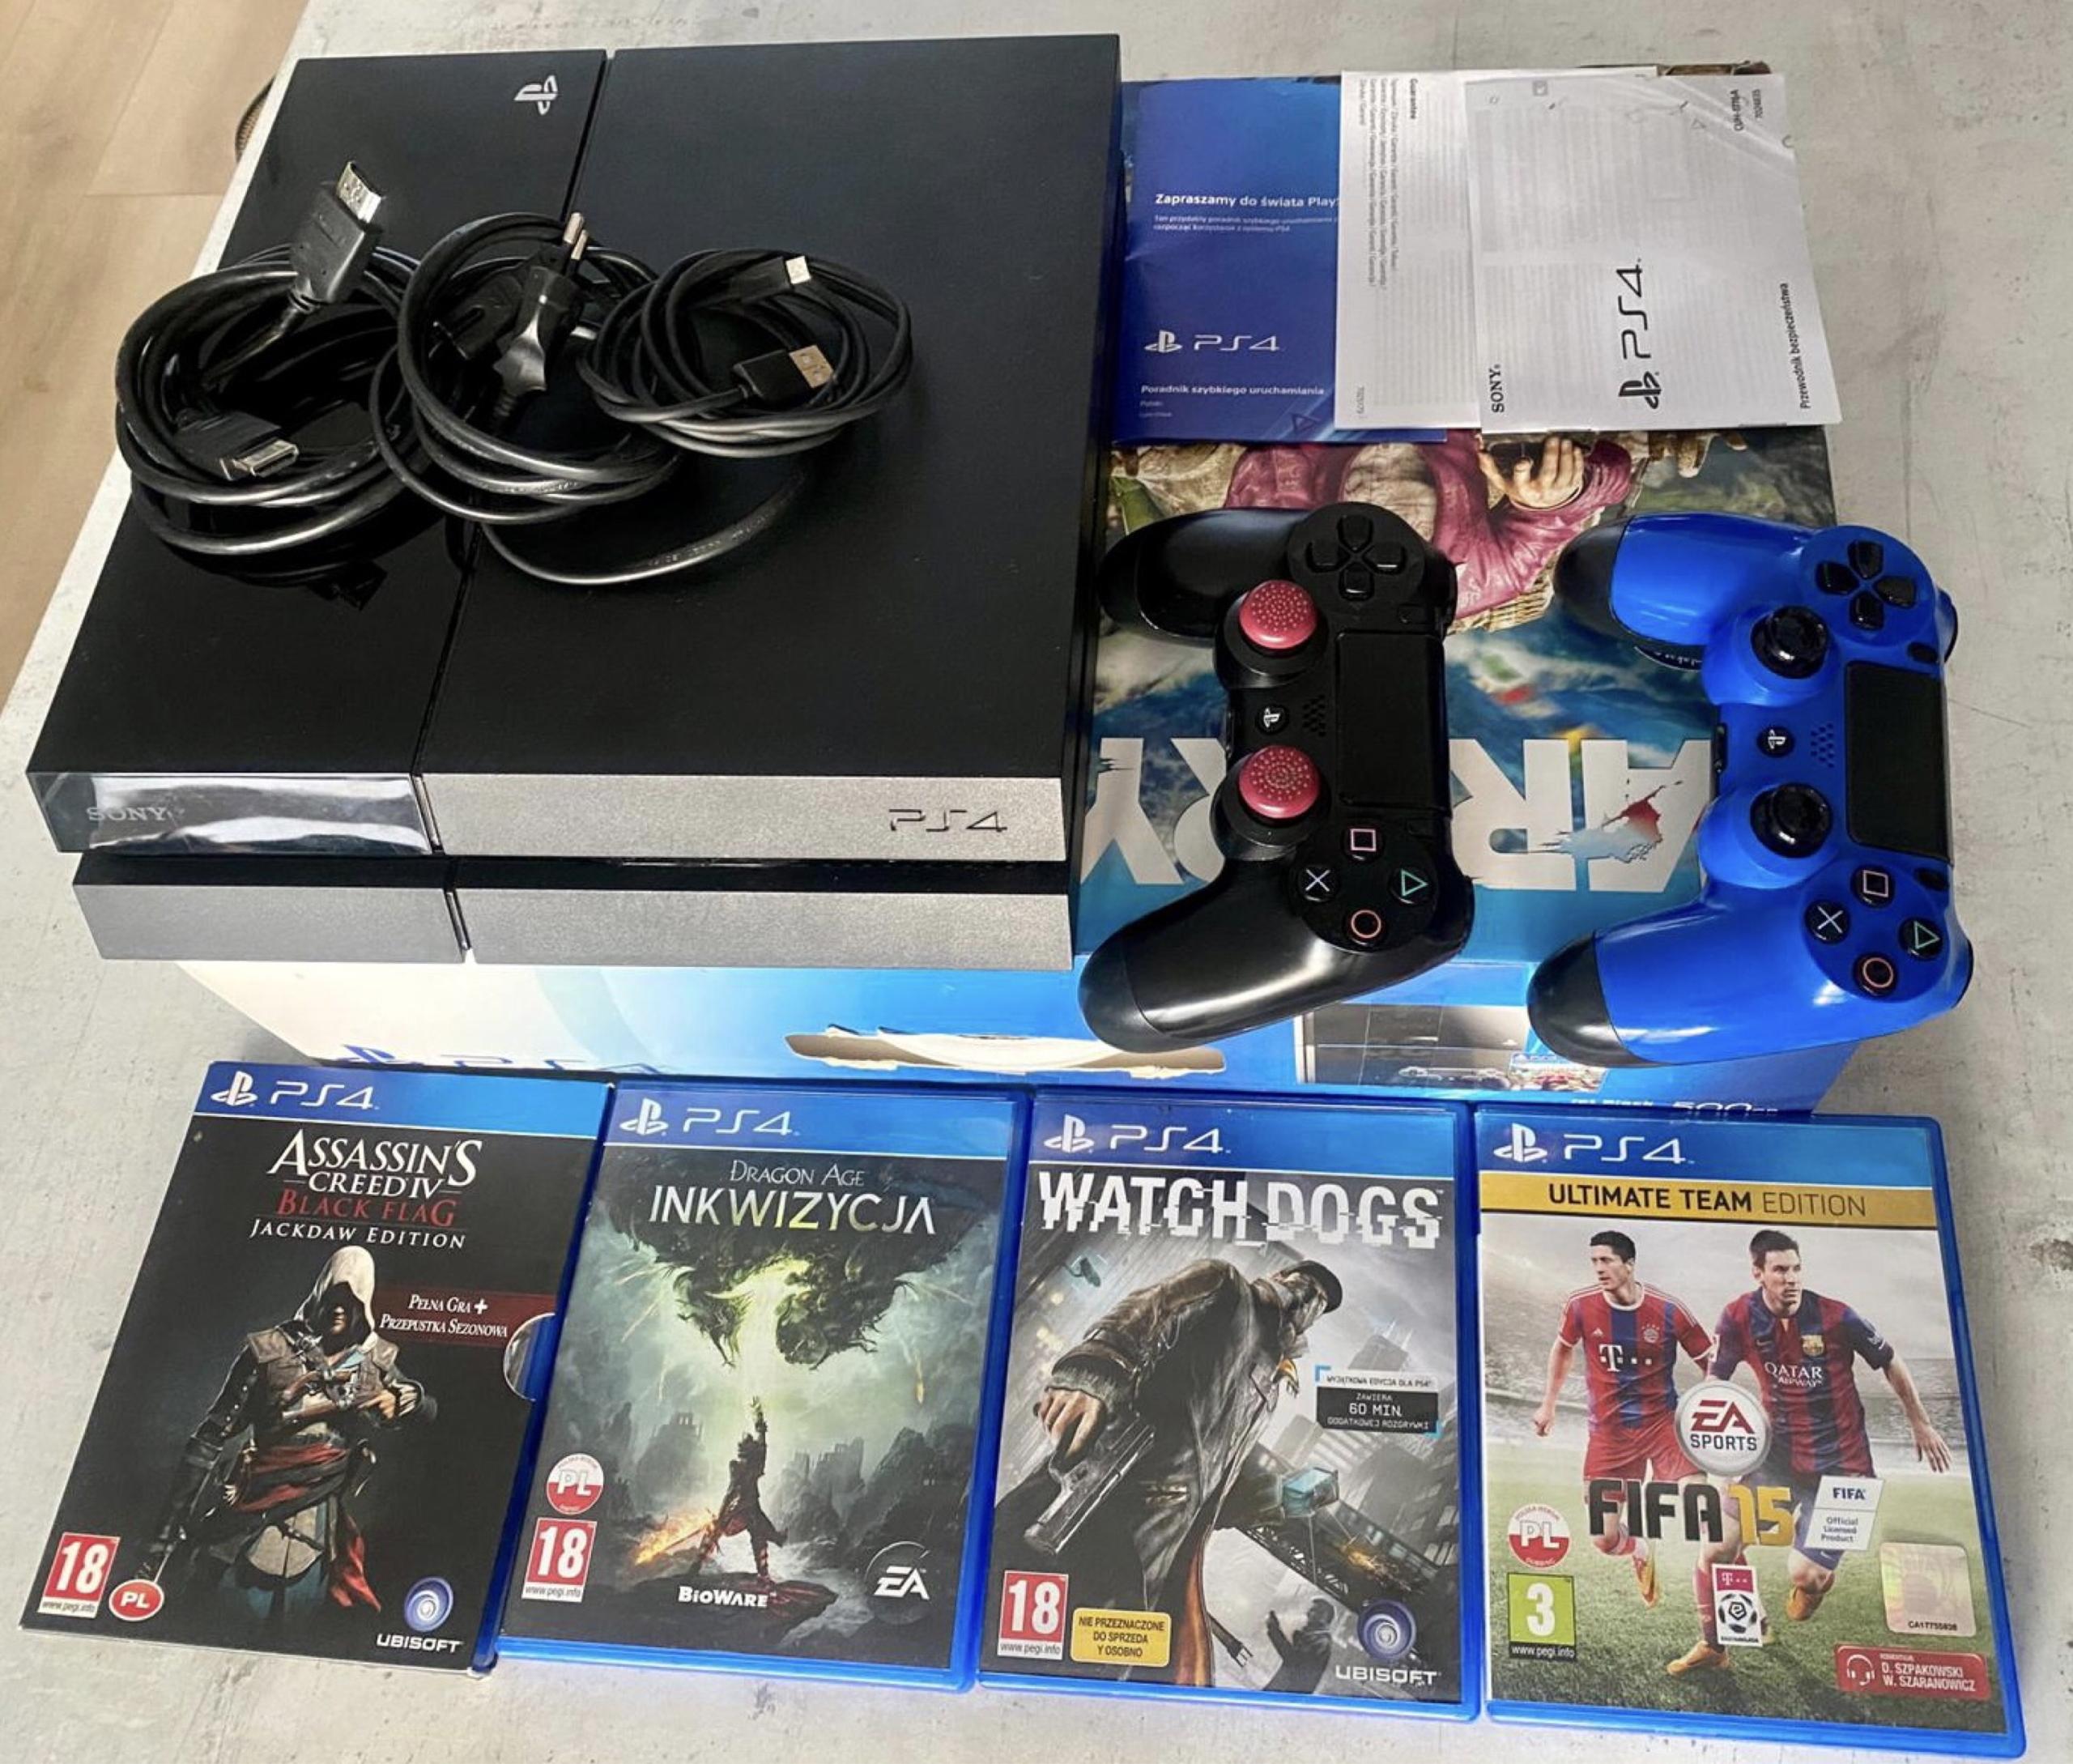 Konsola Playstation4 2 Pady 4 Gry Kup Teraz Za 770 00 Zl Marki Allegro Lokalnie